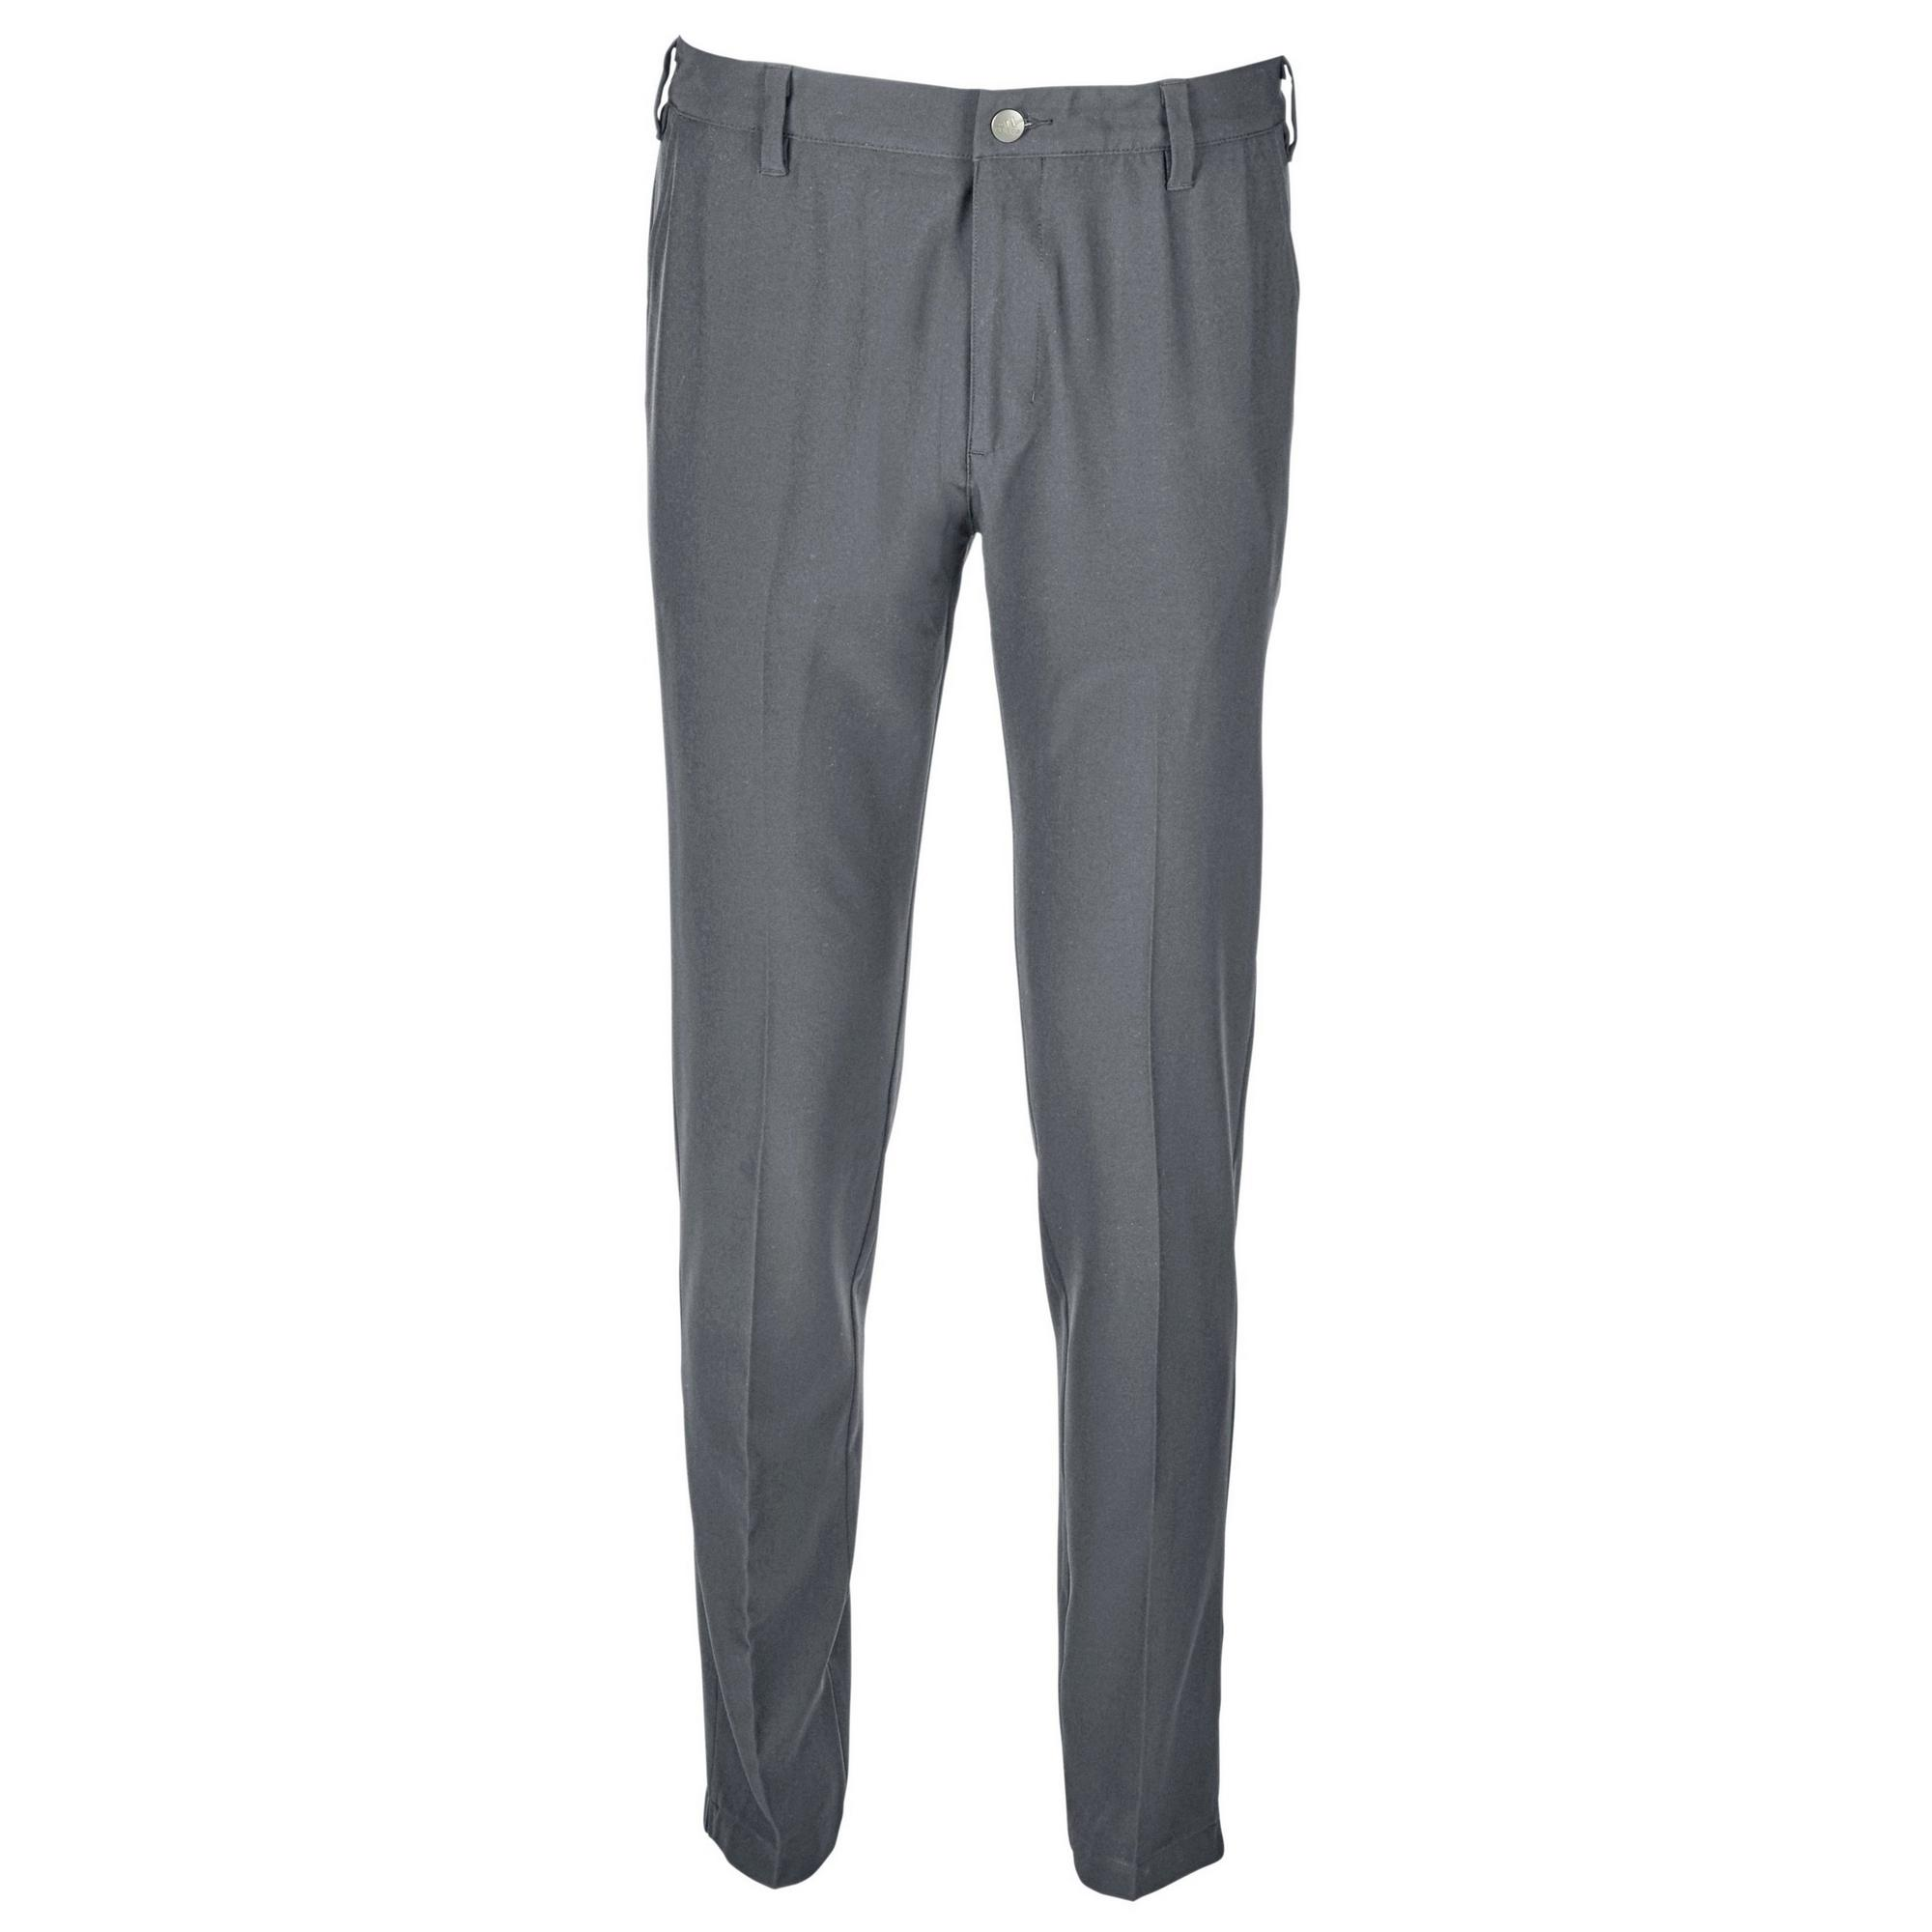 Pantalon Ultimate pour hommes